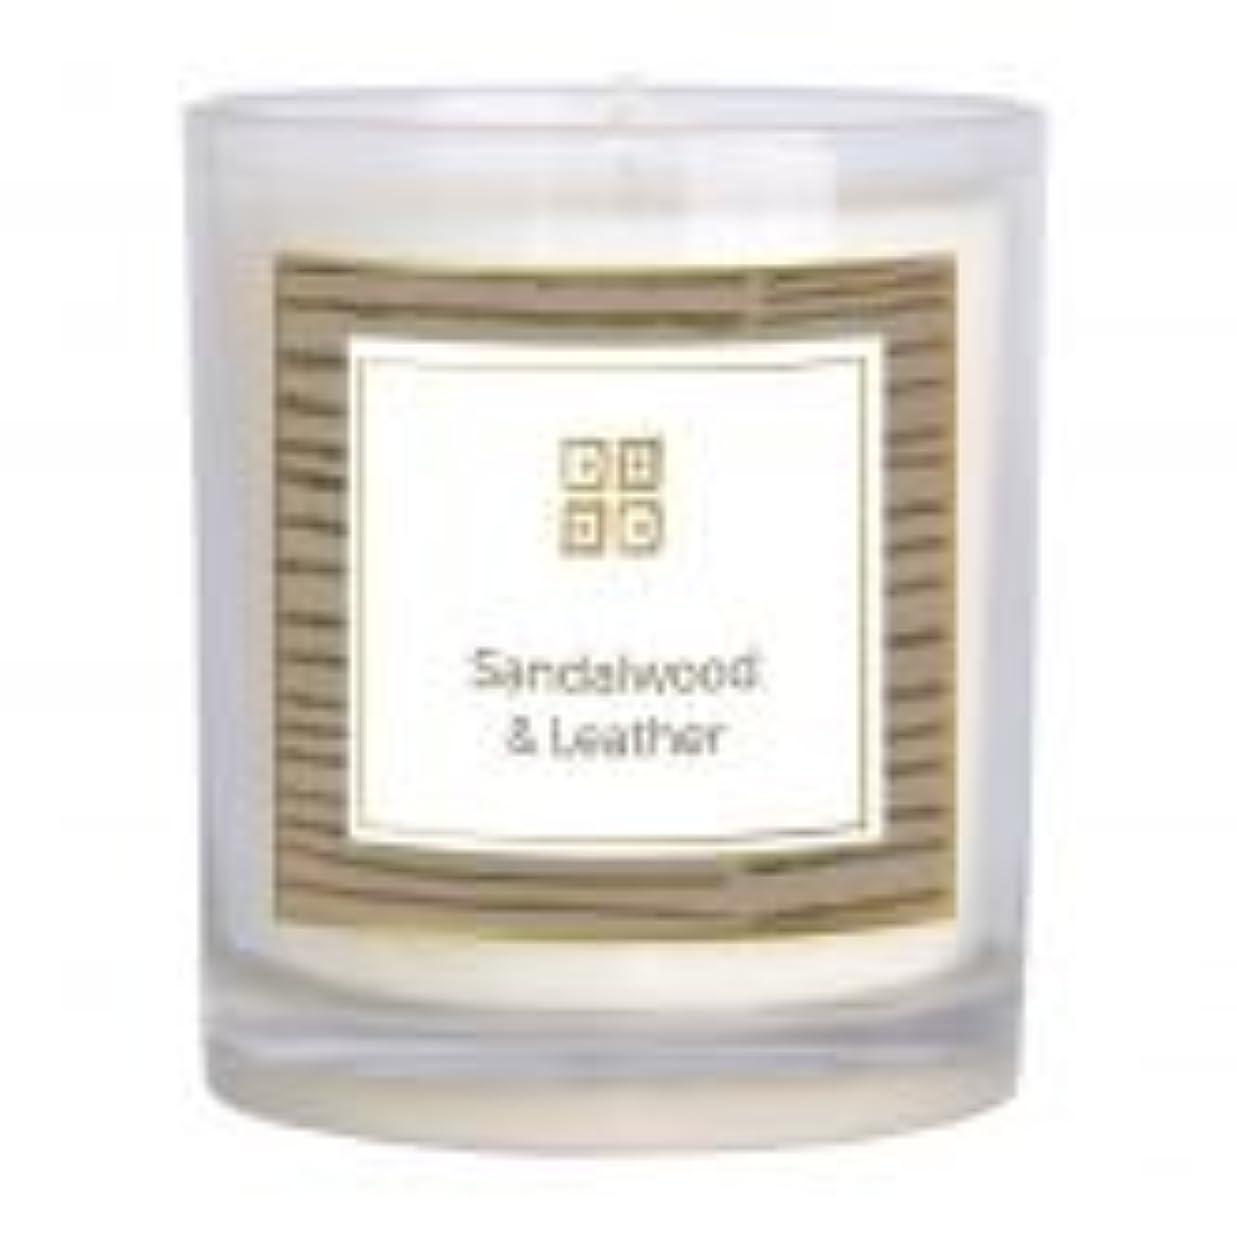 レールアスレチックタンカーサンダルウッド&レザー香りのキャンドル 12 oz 503-08844